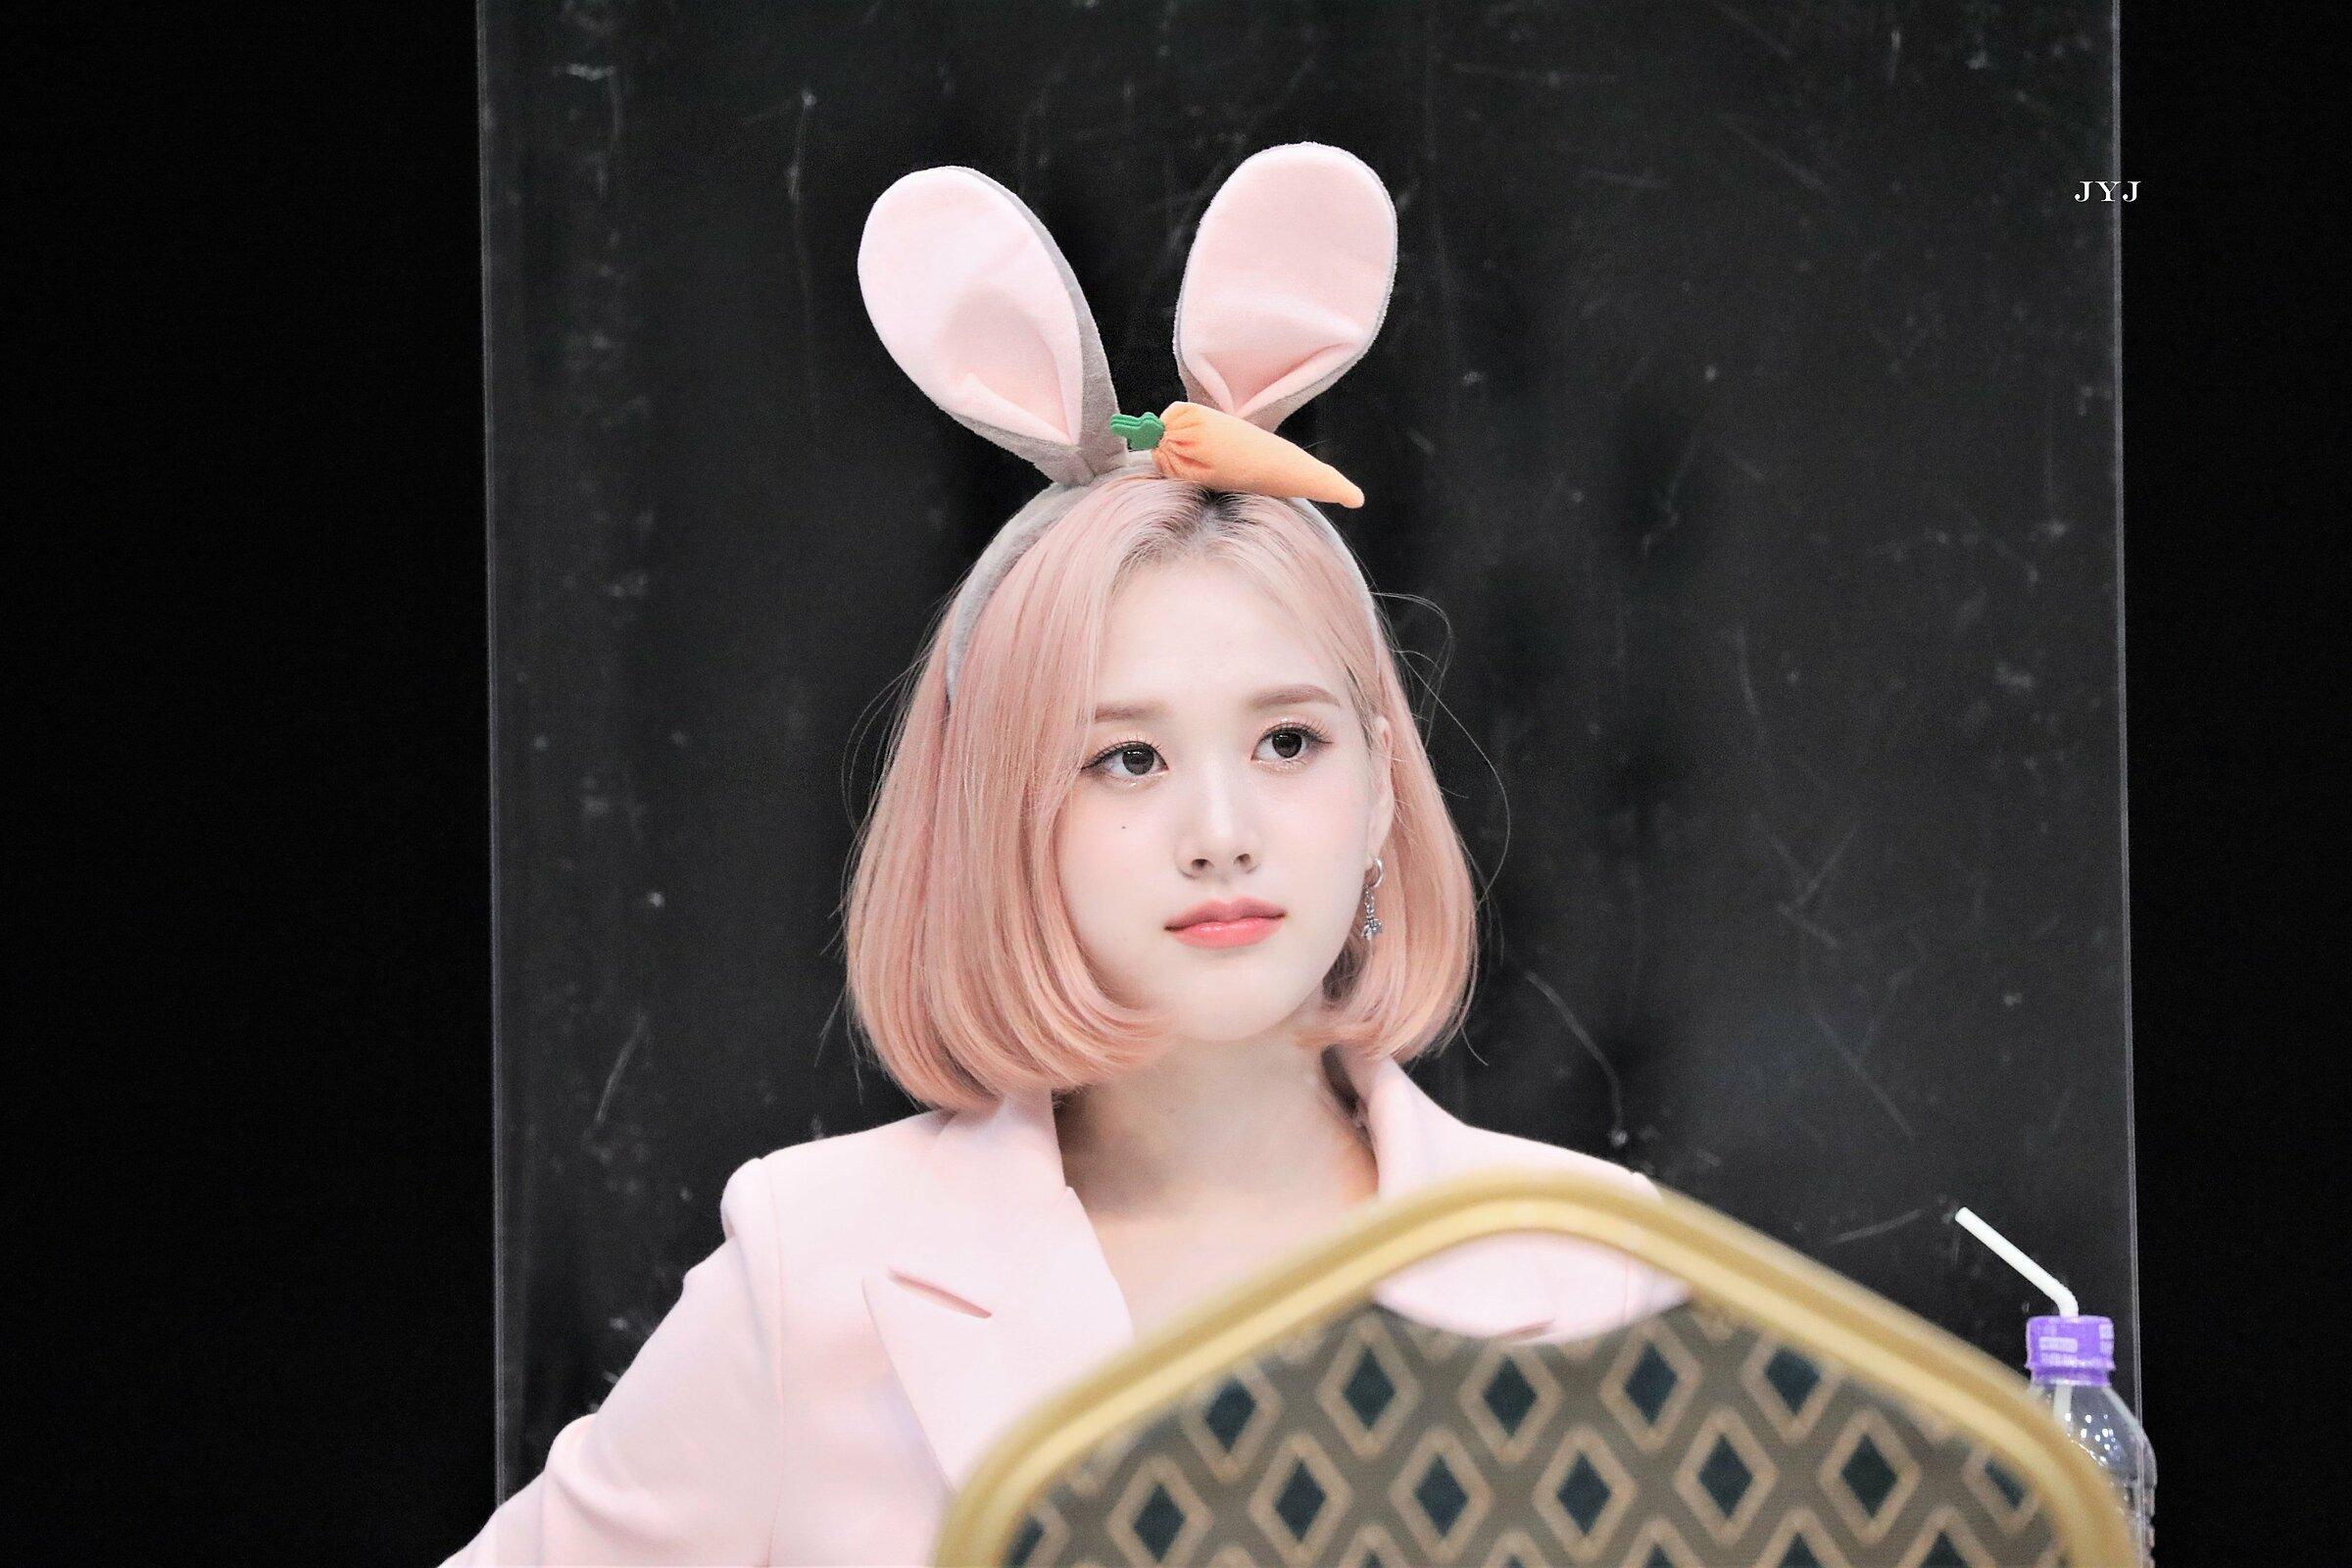 Nét đẹp tinh tế, thanh lịch và thanh thuần của J rất được fan Hàn ưa chuộng. Những mỹ nhân Kpop nổi tiếng là ví dụ hoàn hảo về tiêu chuẩn này như Yoona (SNSD), Tzuyu (Twice)...